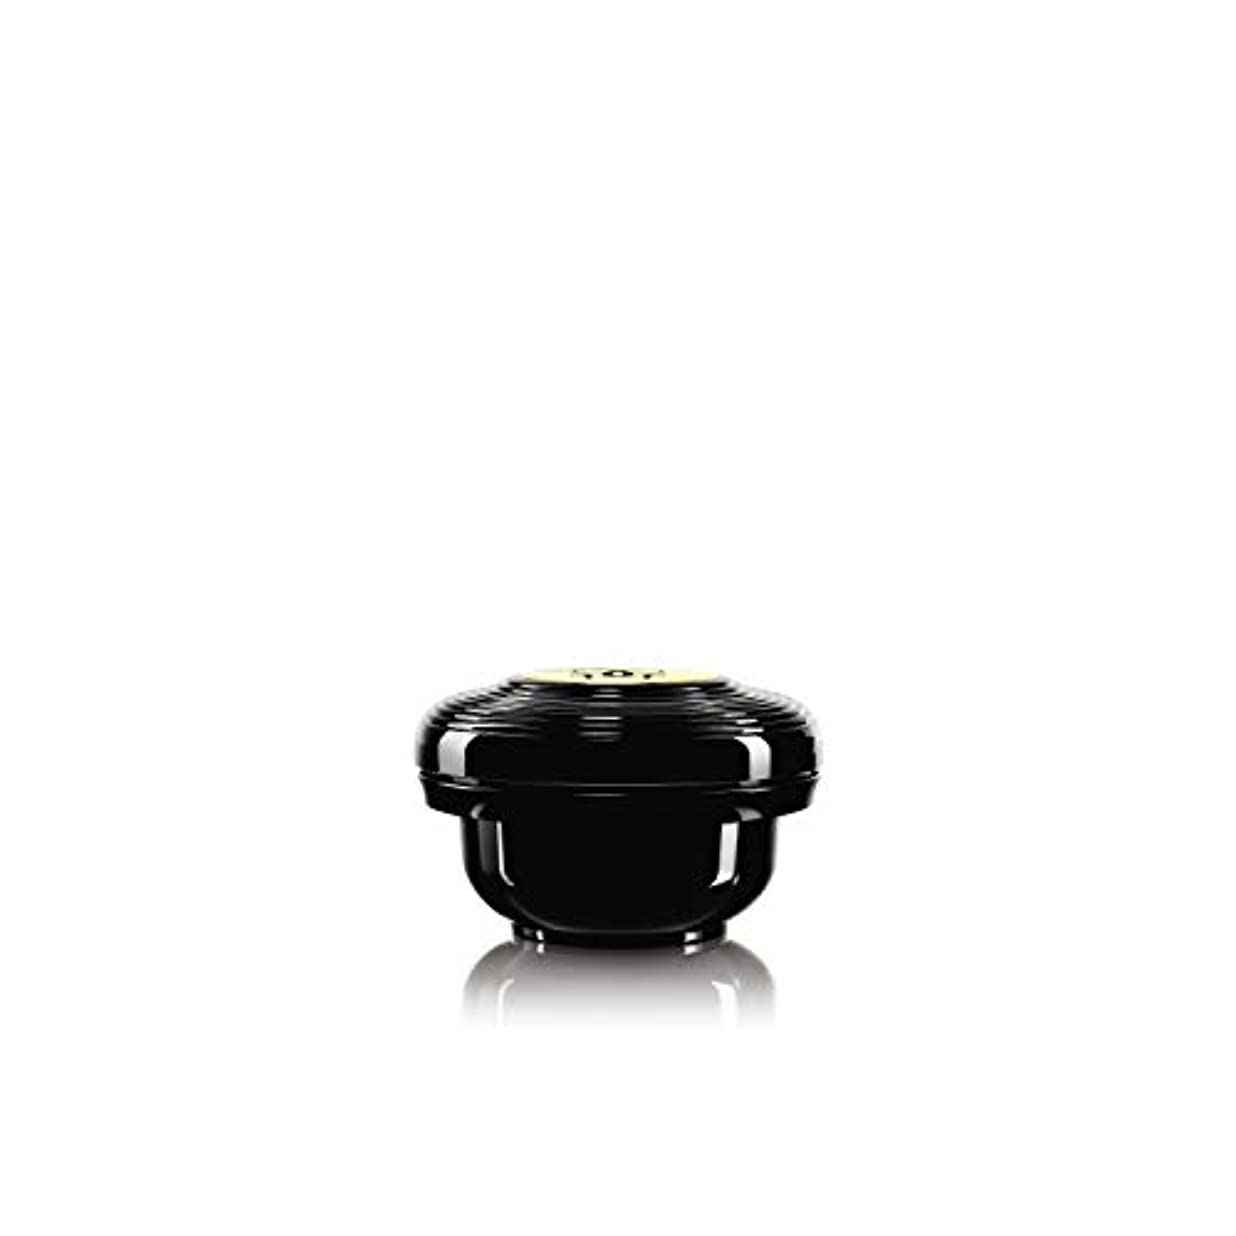 移動かもしれないクライマックス【GUERLAIN(ゲラン)】オーキデ アンペリアル ブラック クリーム ベルナルド(リフィル)50mL/クリーム